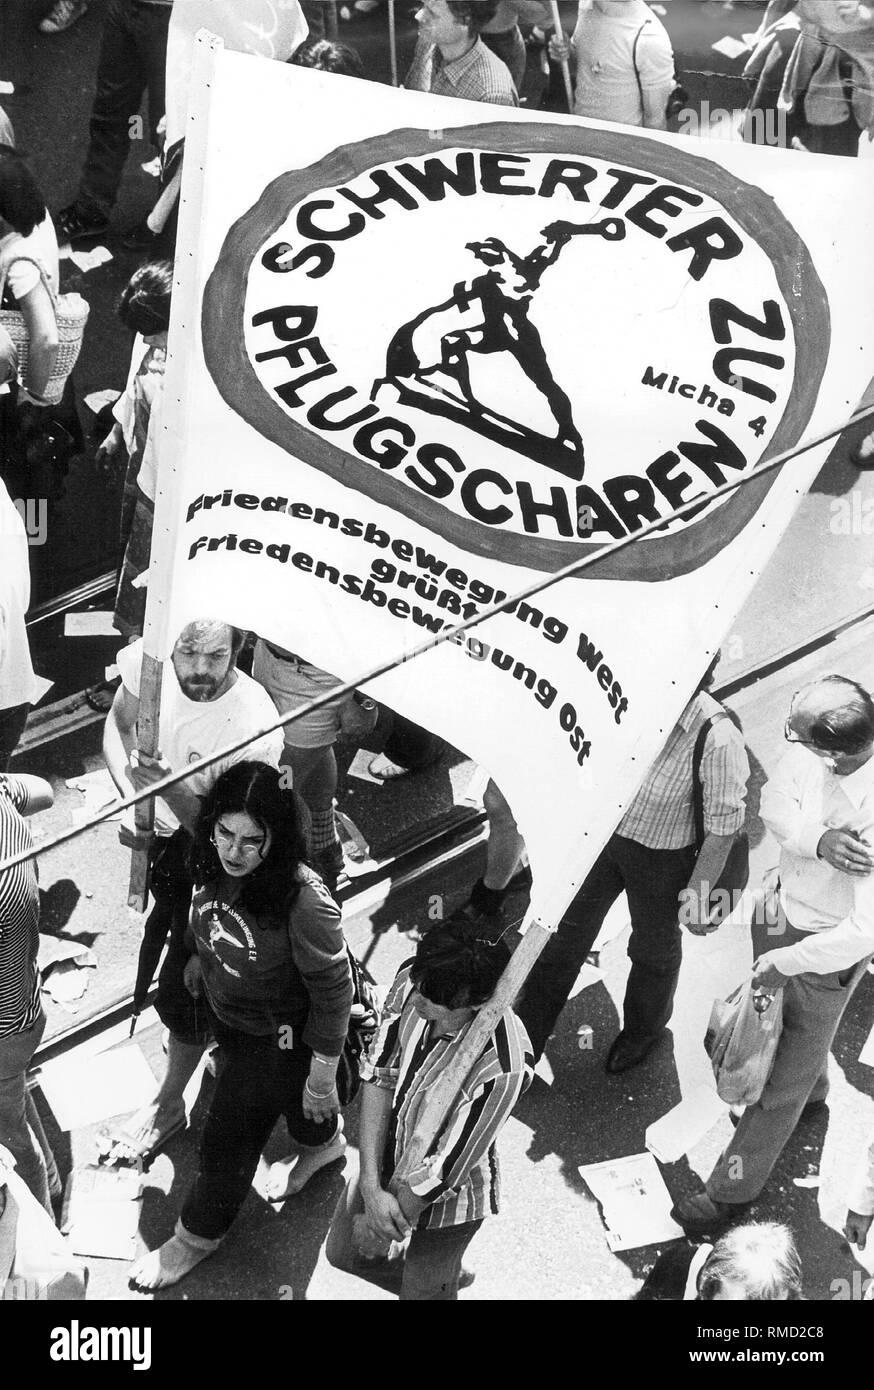 """Los manifestantes en una manifestación pacífica en ocasión de la reunión de la OTAN en Bonn llevar un cartel con la inscripción """"palabras para arados - el movimiento por la paz en el oeste saluda el movimiento por la paz en Timor"""". Imagen De Stock"""